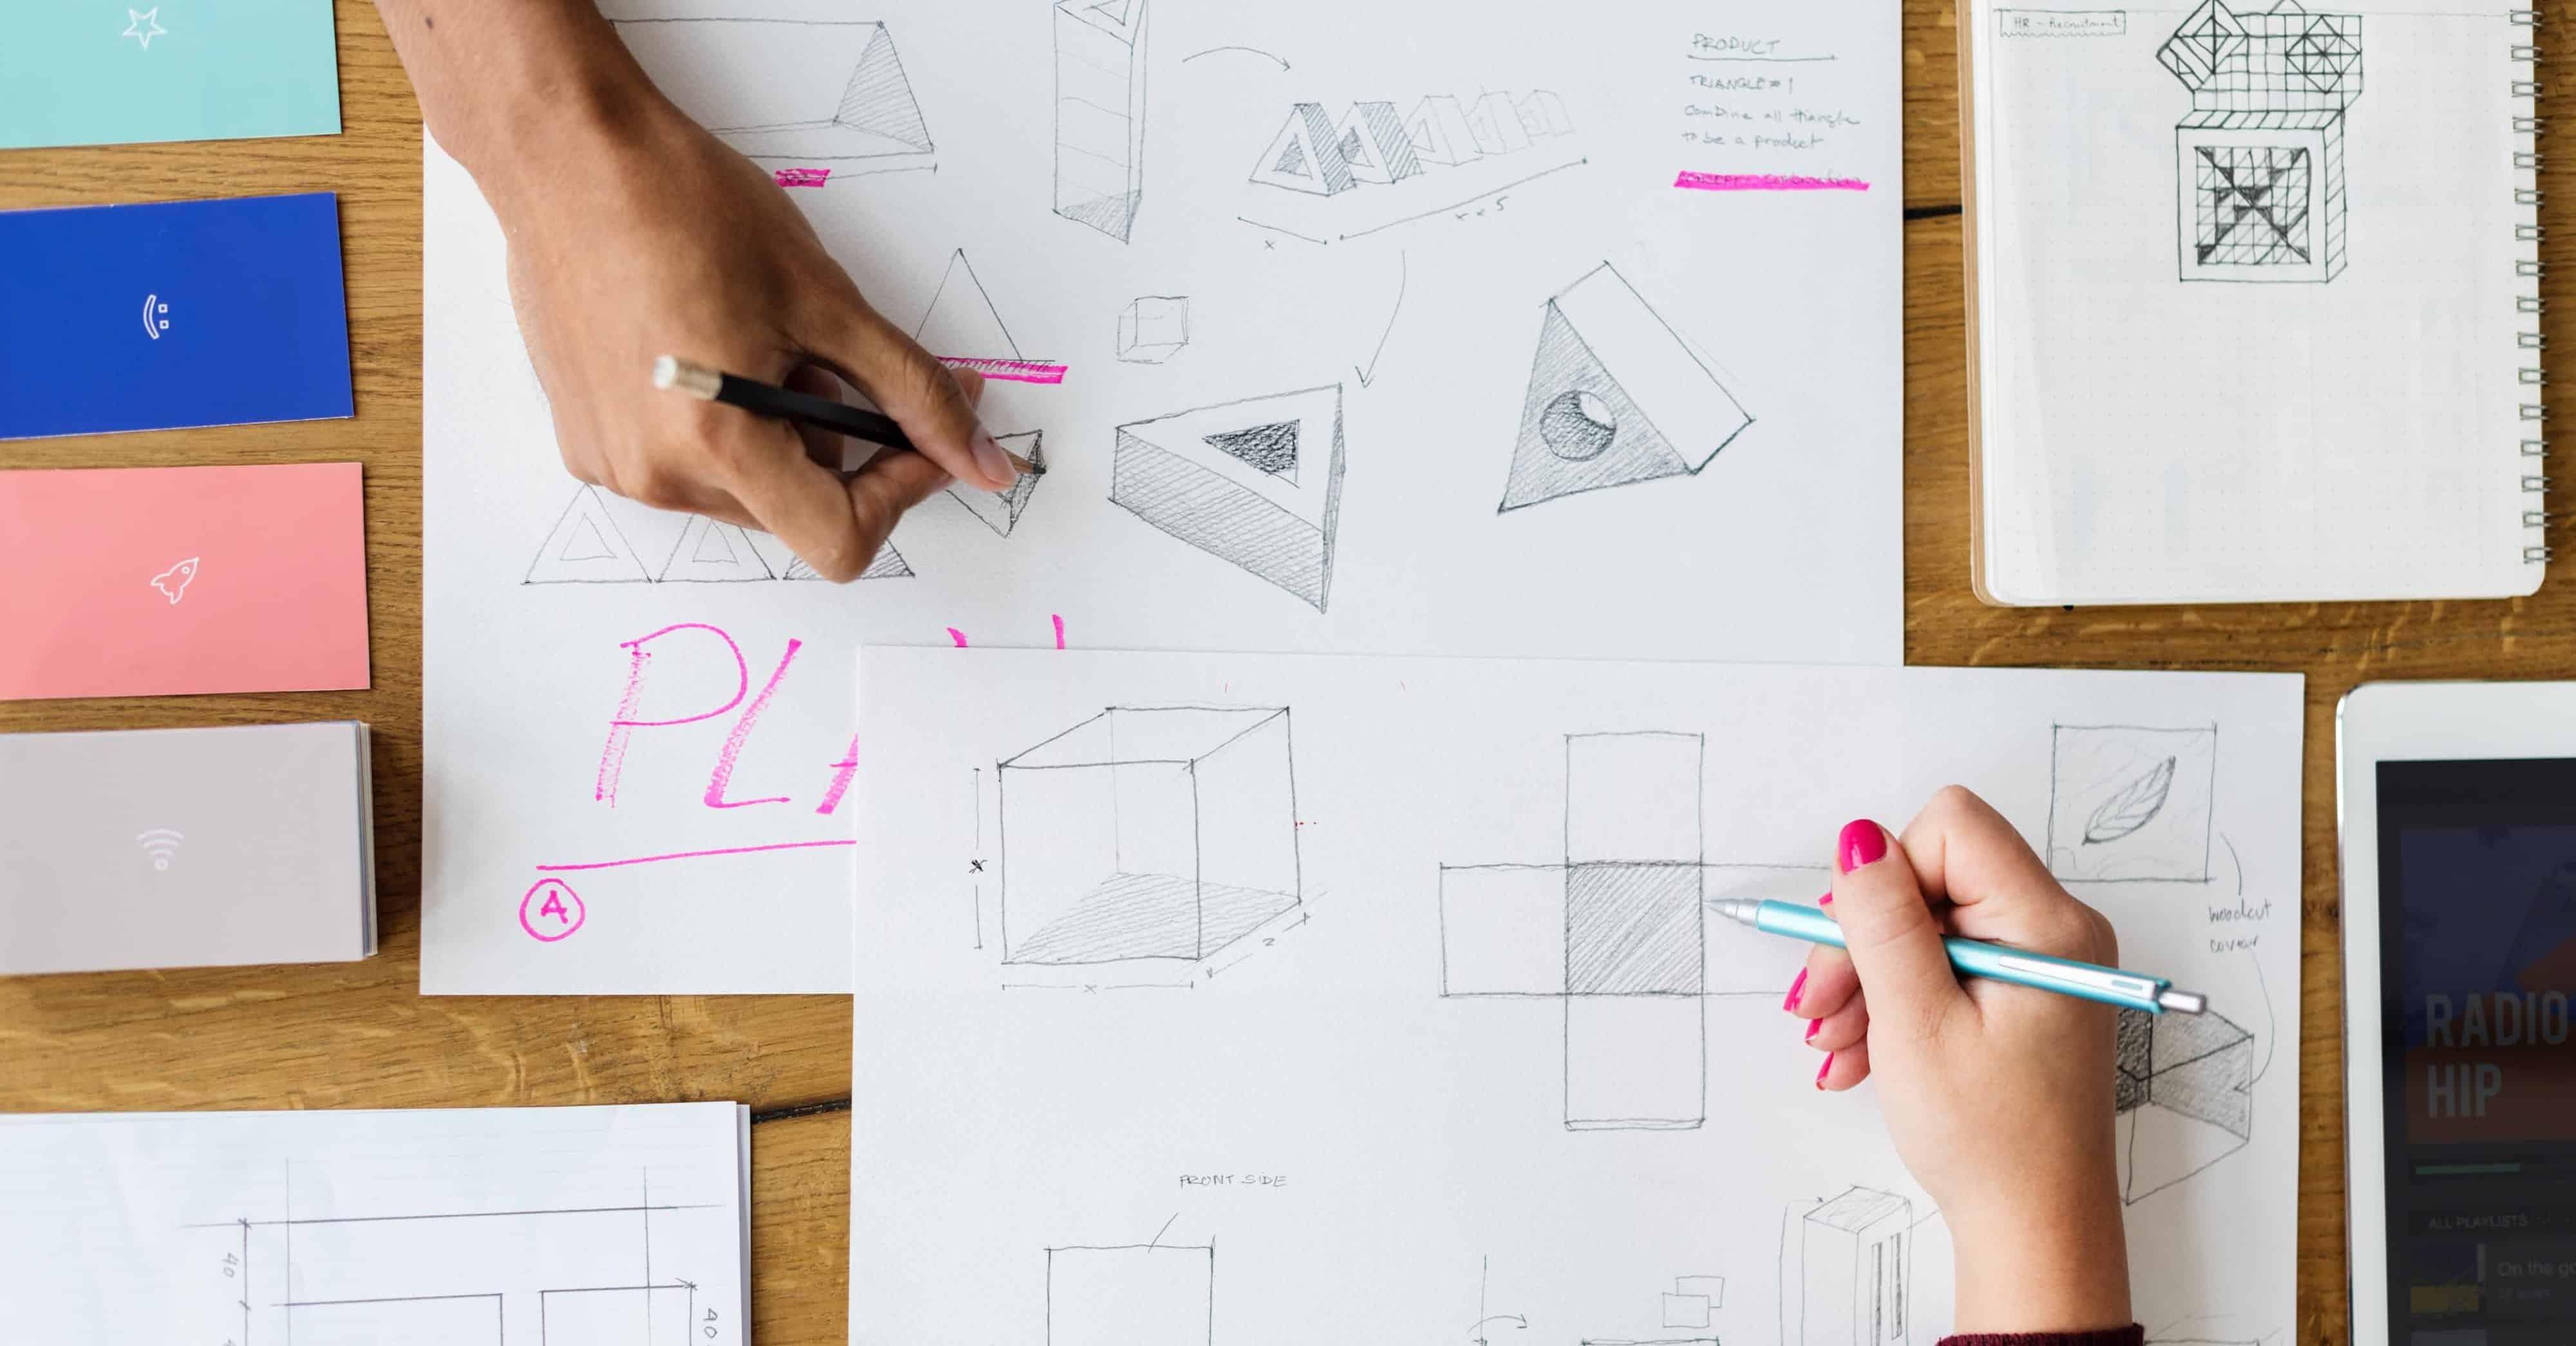 Leren tekenen helpt jou visuele vermogen te ontwikkelen! Lees hier meer!